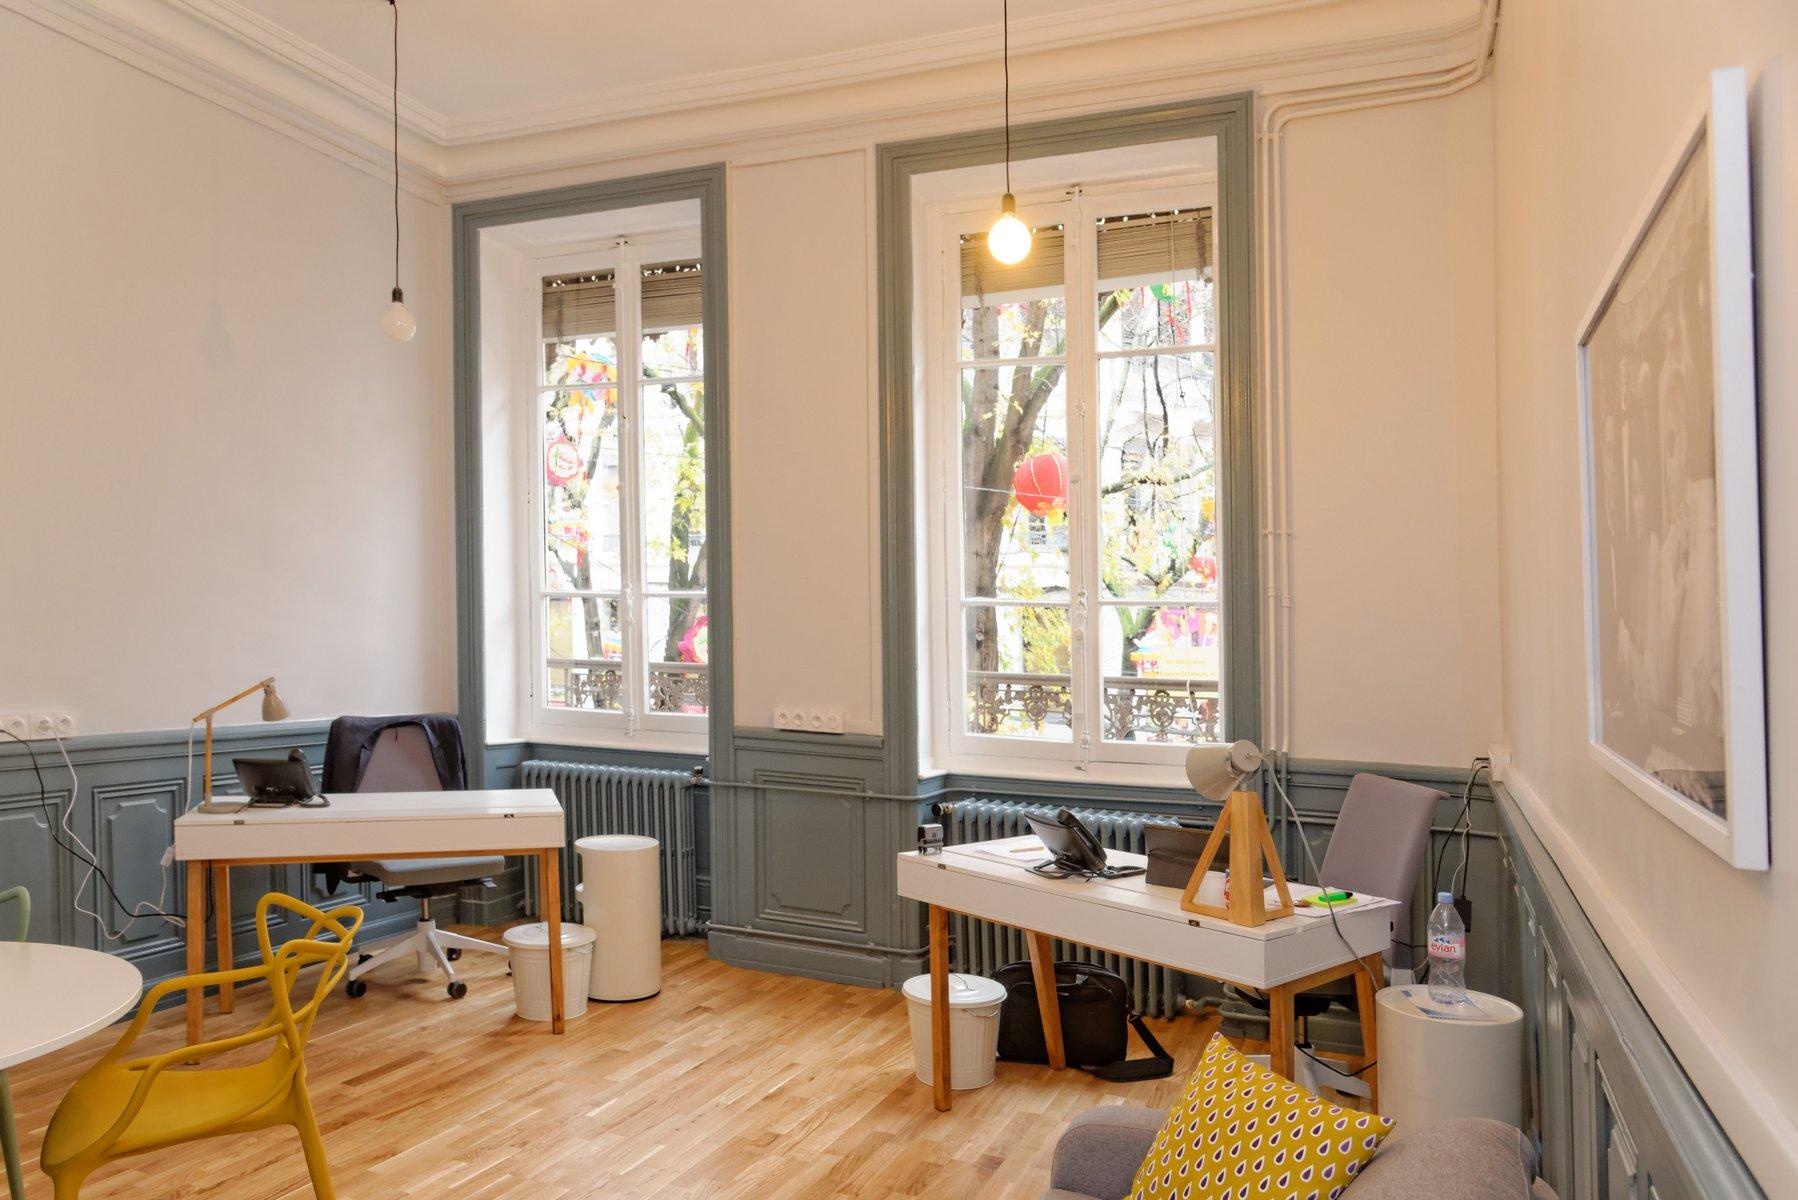 Design et convivial, votre espace de travail comme à la maison